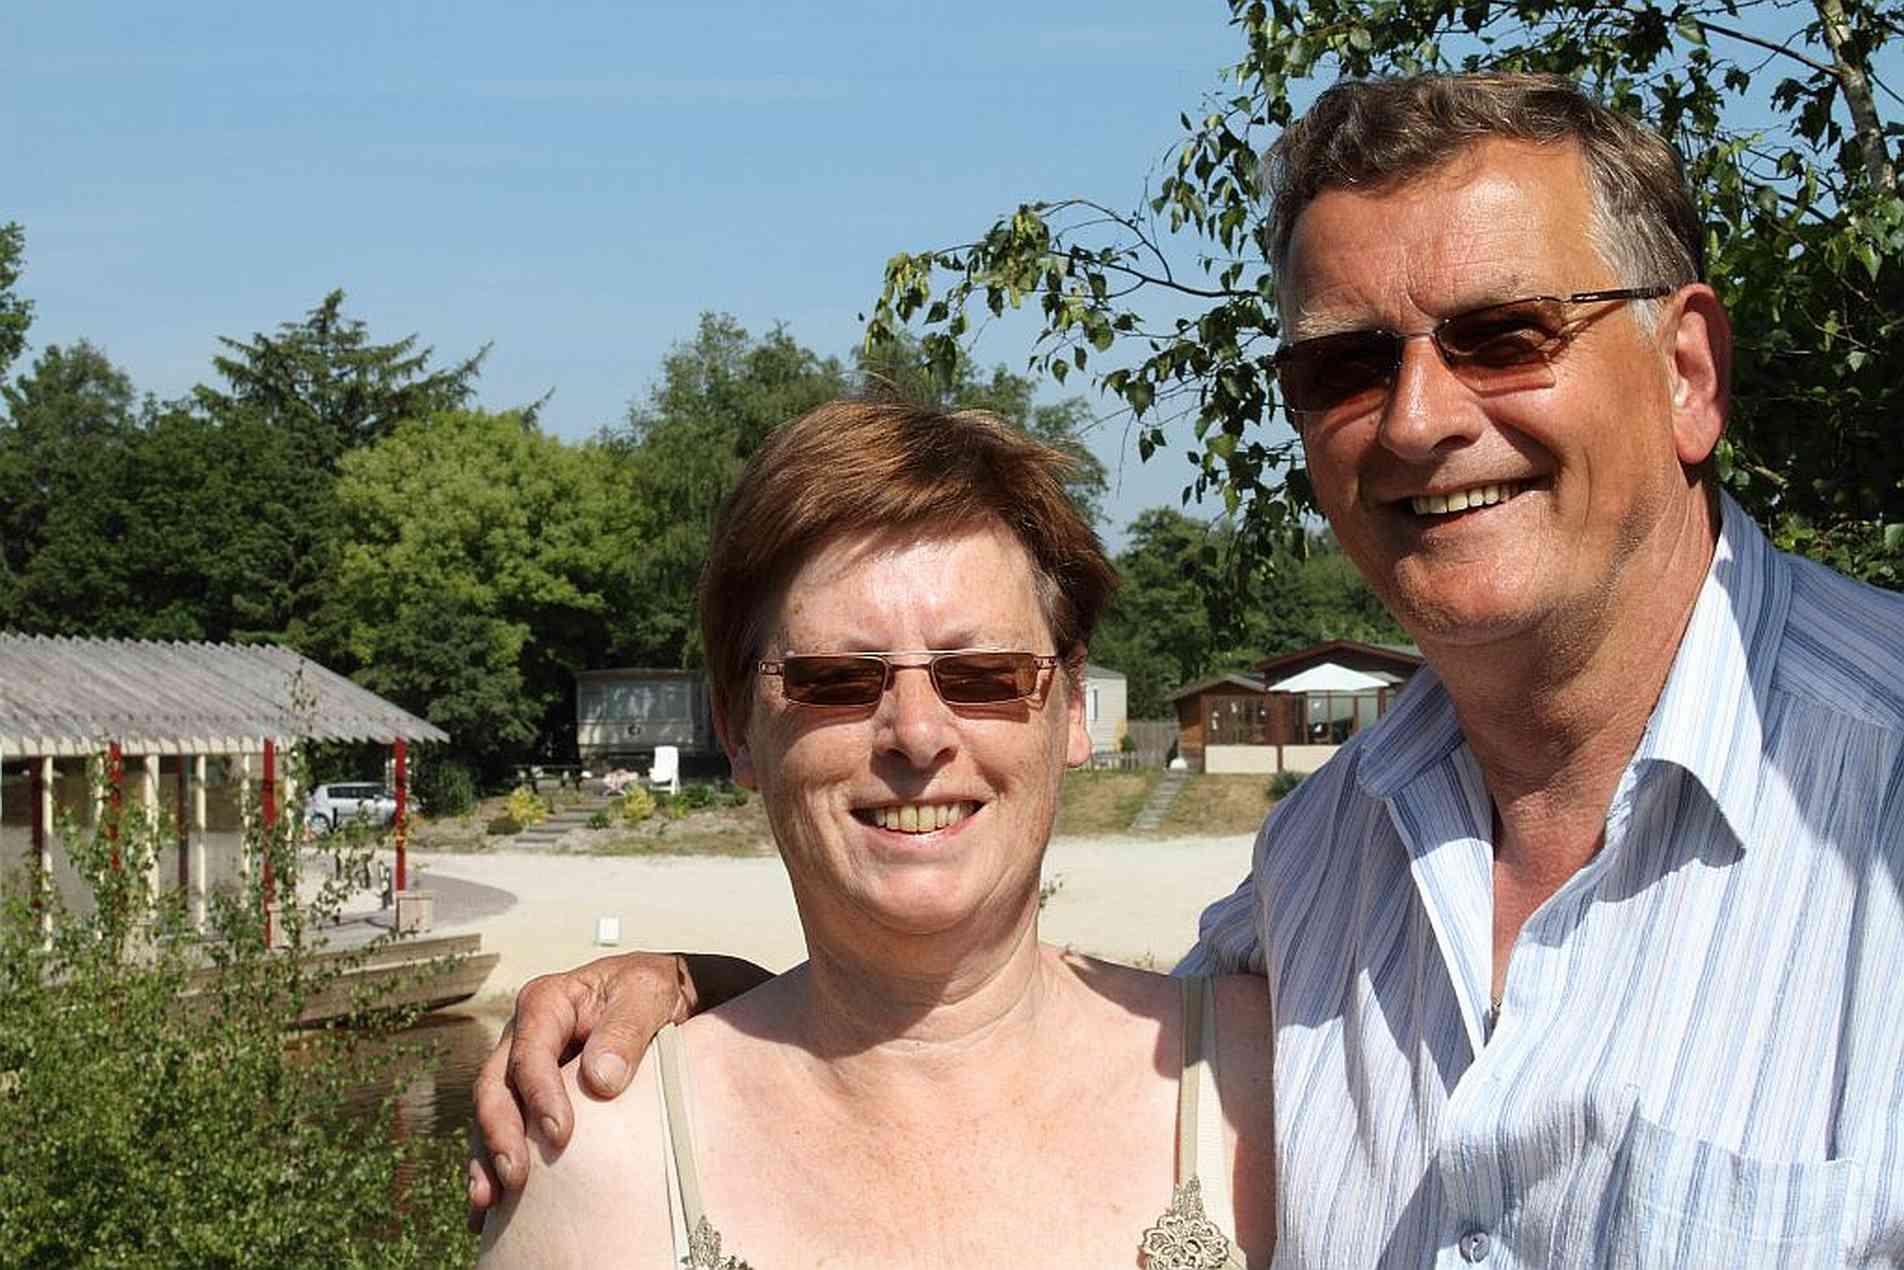 50 plus vakantie in Overijssel op een vijf sterren camping - Mooie 50 plus vakantie in overijssel